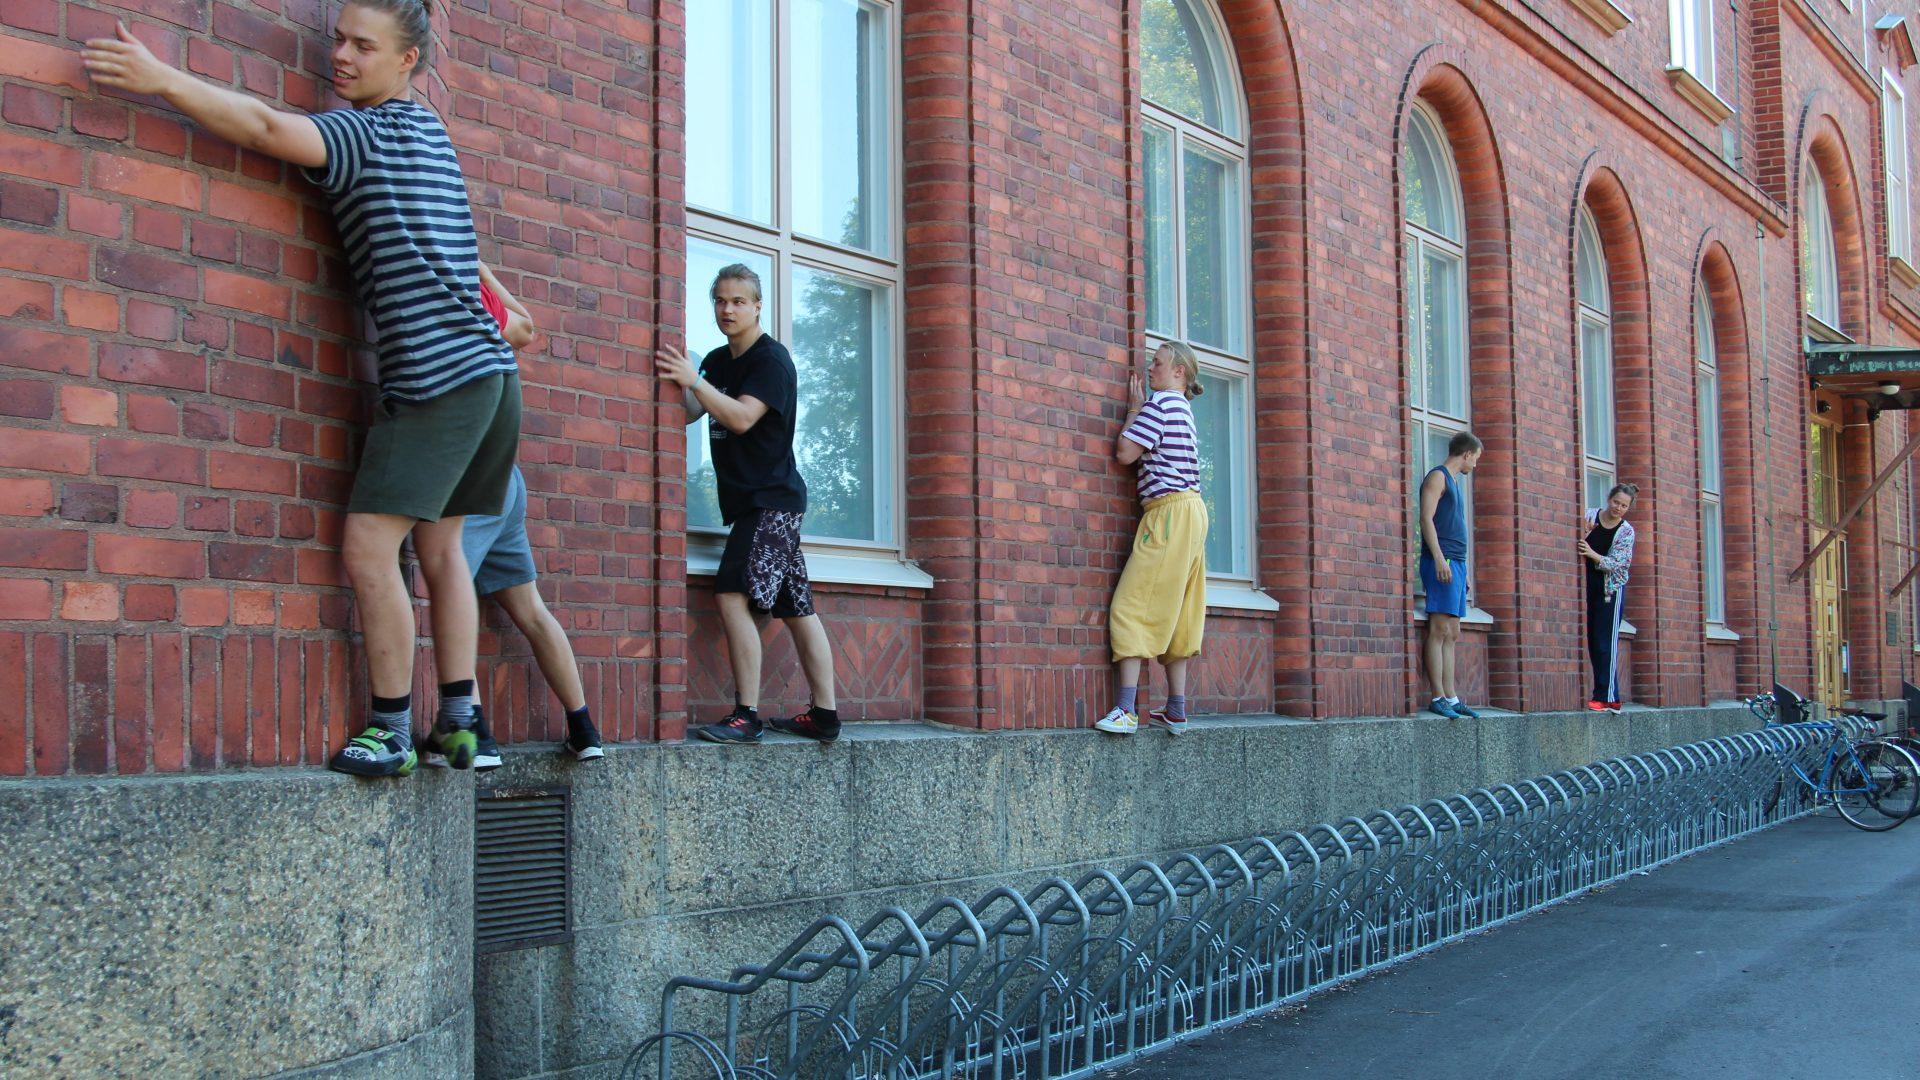 Ihmisiä kiipeilemässä talon seinällä. Auringonvalo. Pyöräteline. Tiilitalo. Isot ikkunat.